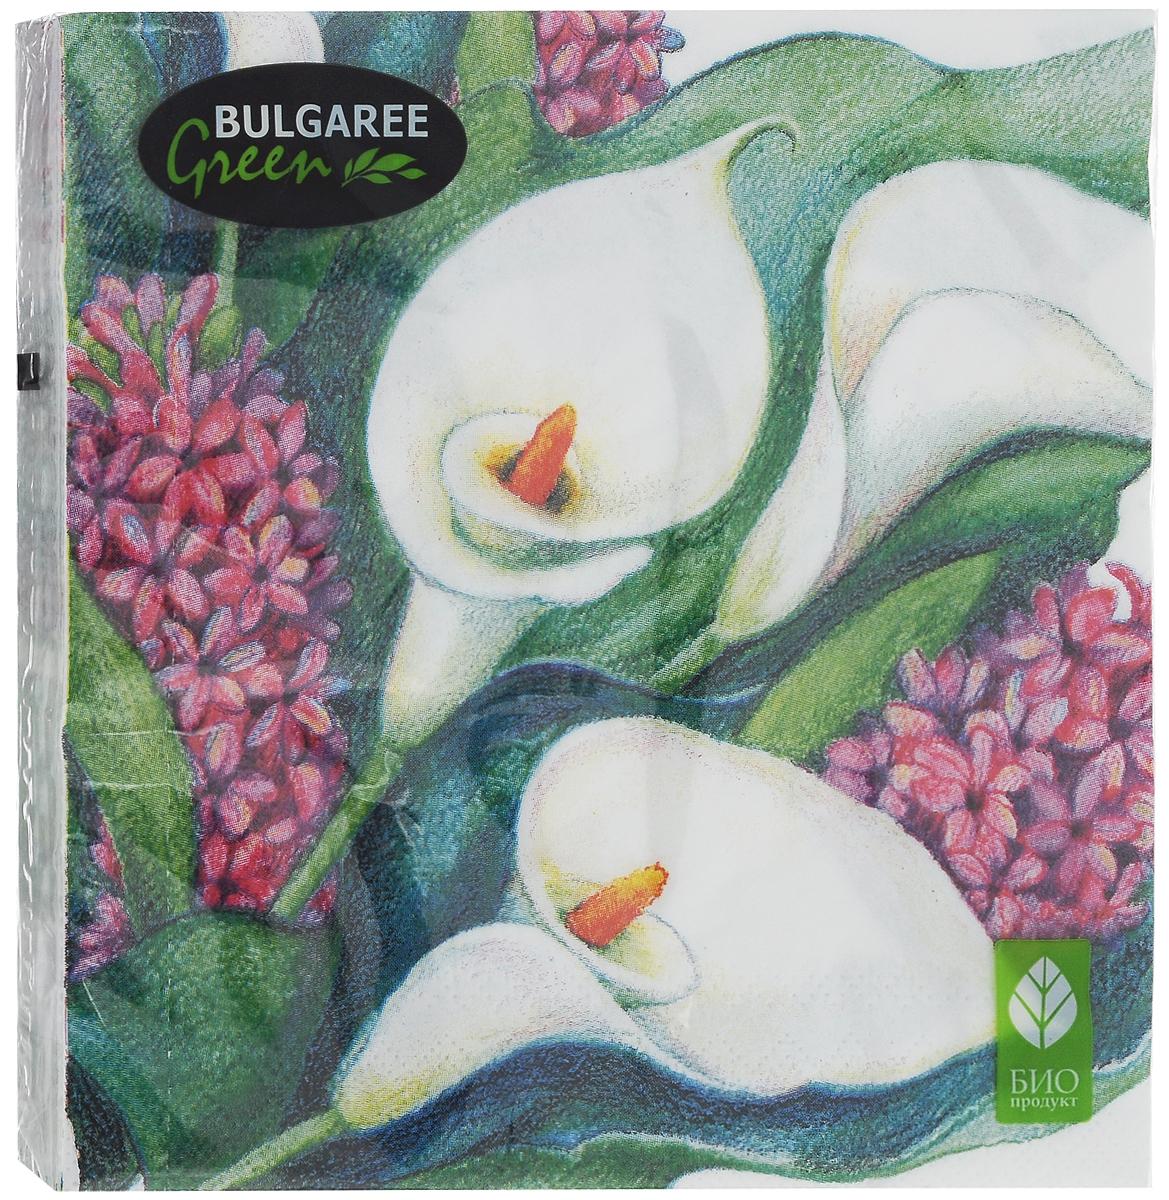 Салфетки бумажные Bulgaree Green Каллы, двухслойные, 24 х 24 см, 50 шт1000210_КаллыДекоративные двухслойные салфетки Bulgaree Green Каллы выполнены из 100% целлюлозы европейского качества и оформлены ярким рисунком. Изделия станут отличным дополнением любого праздничного стола. Они отличаются необычной мягкостью, прочностью и оригинальностью. Размер салфеток в развернутом виде: 24 х 24 см.